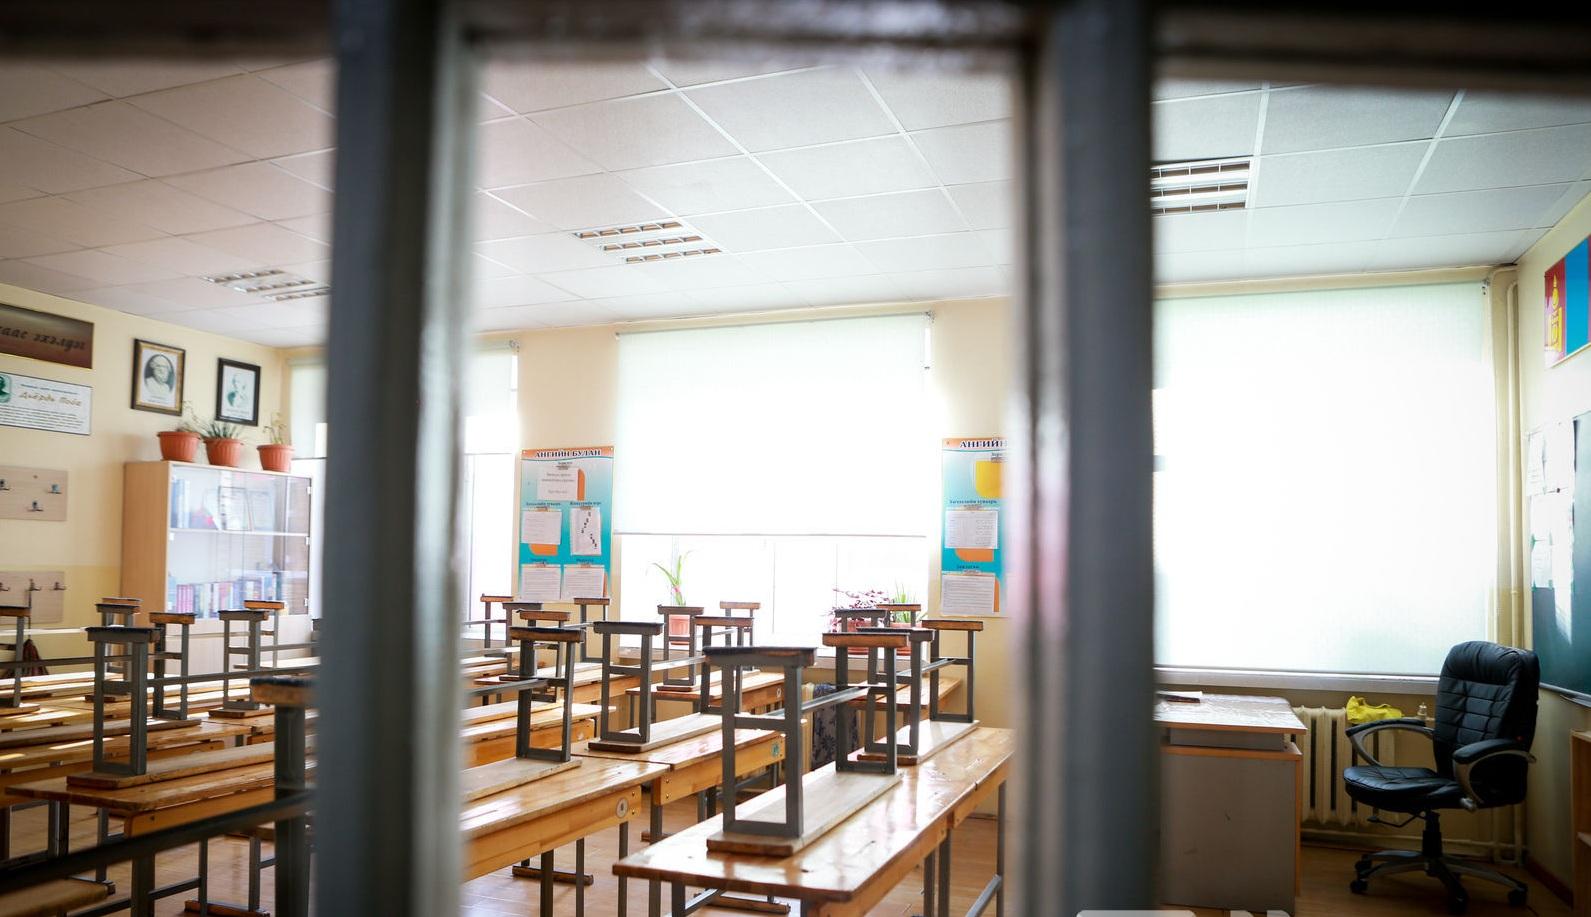 Нийслэлийн ЕБС болон их дээд сургууль, коллежийг танхимаар хичээллүүлэх саналыг дэмжсэнгүй